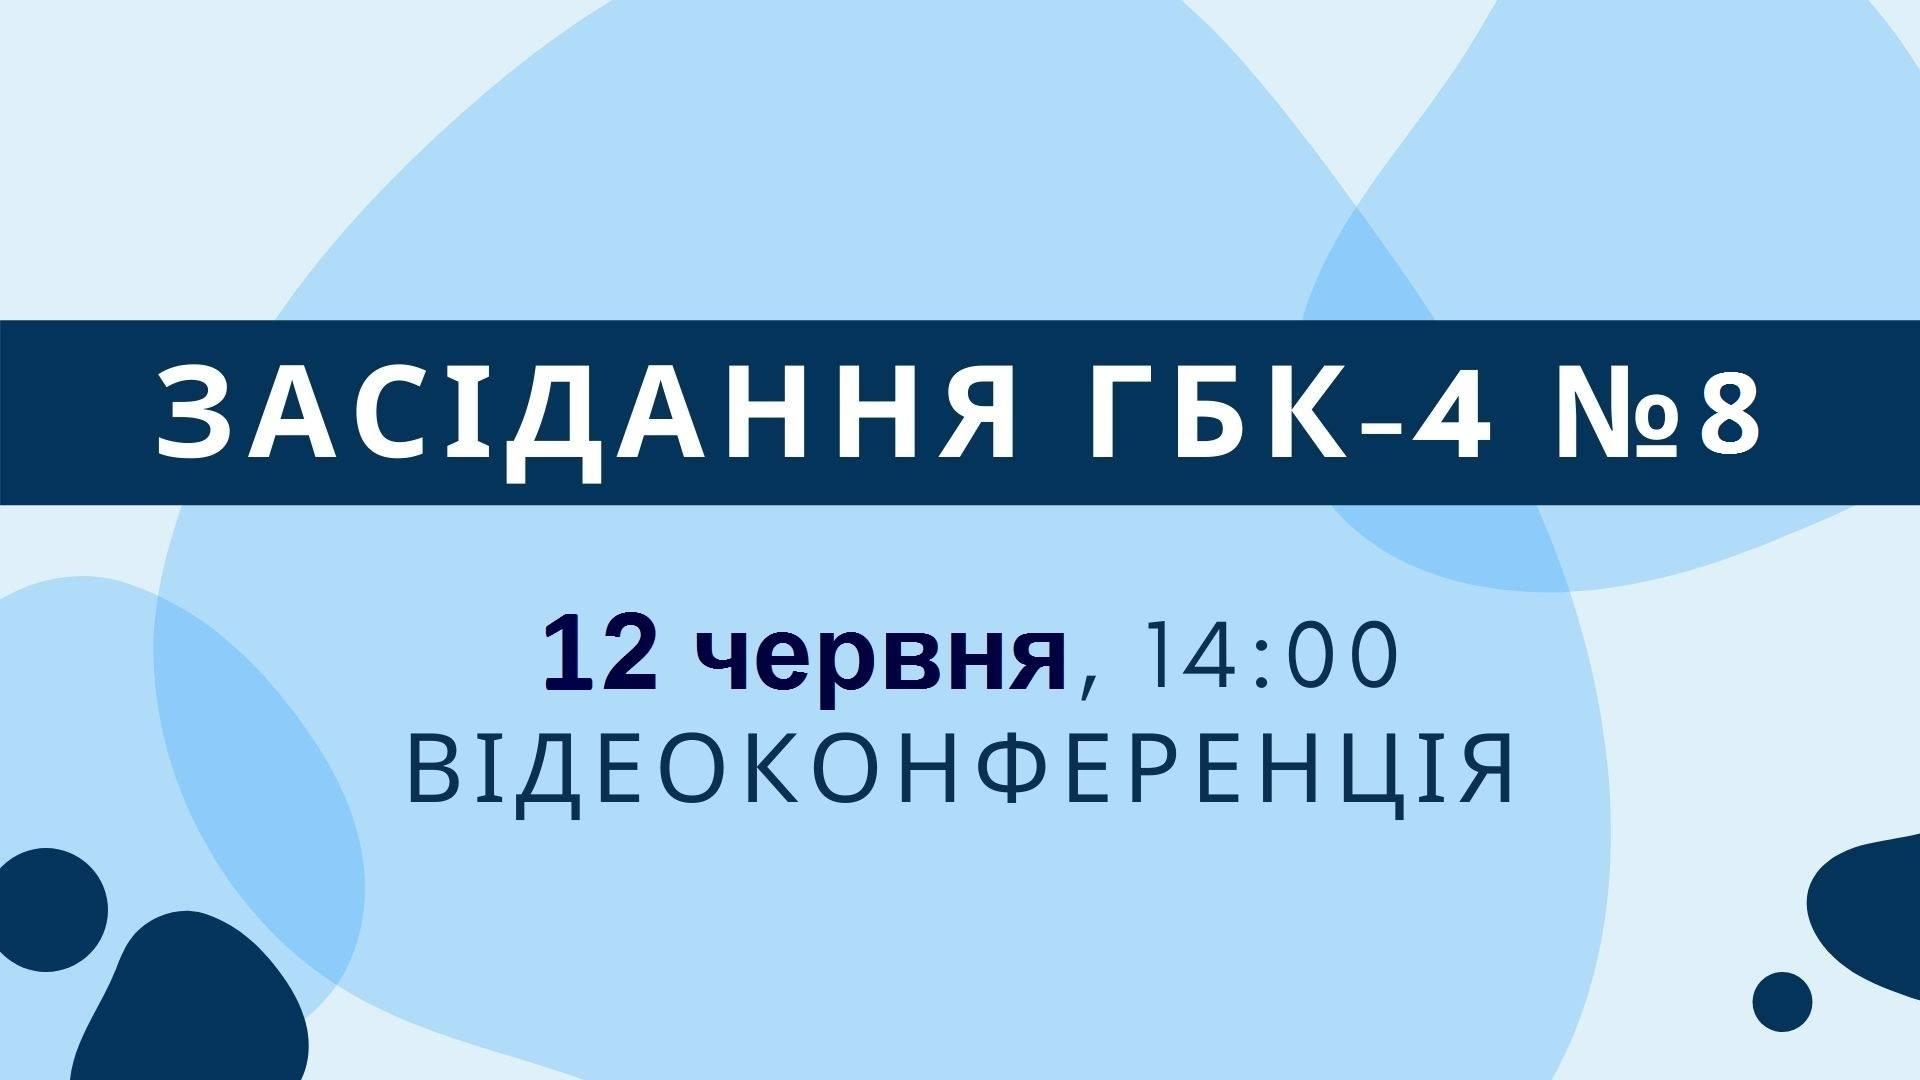 12 червня відбудеться засідання ГБК